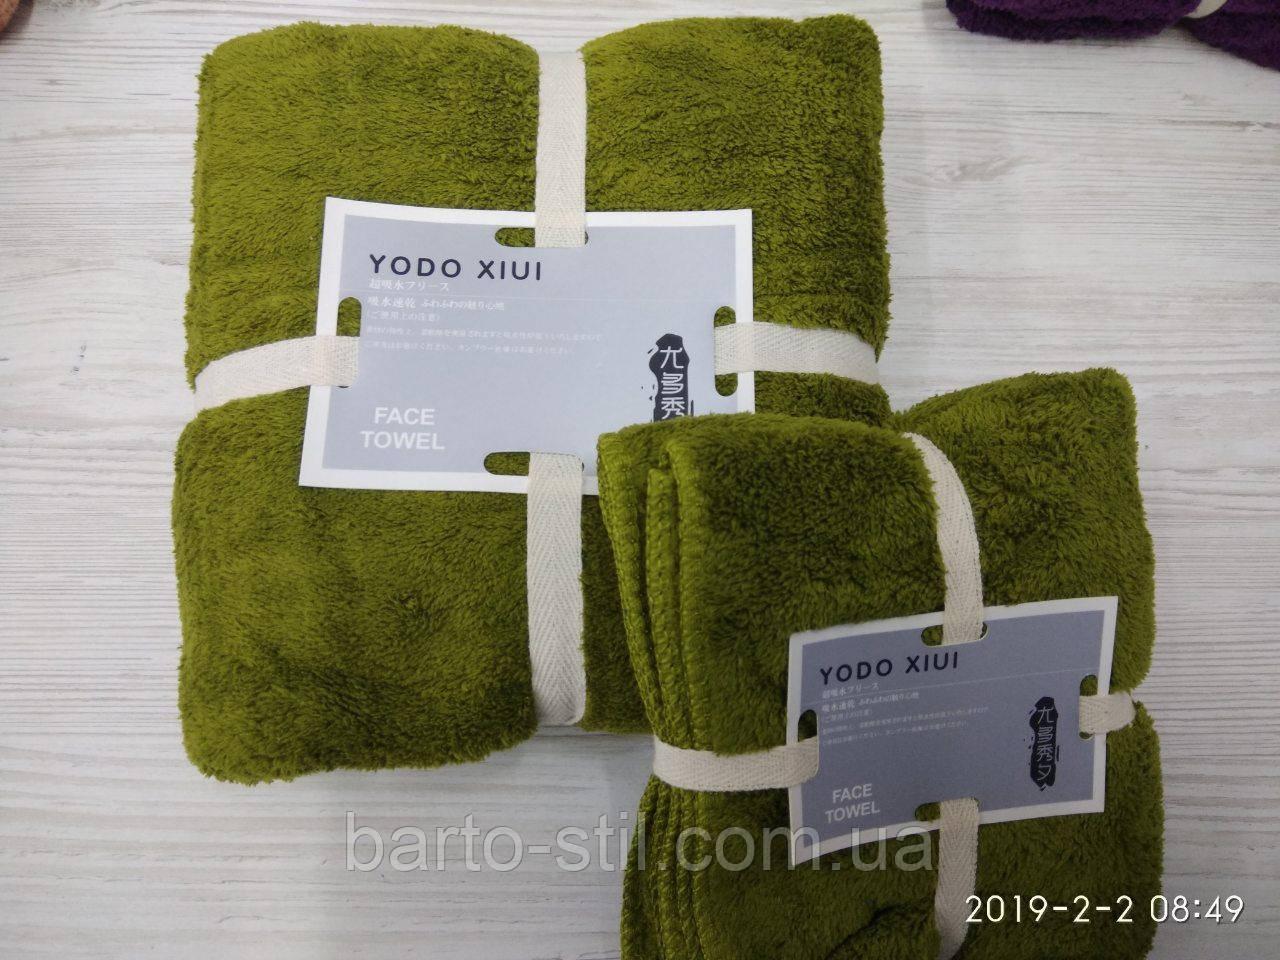 Набор полотенец (лицо-баня) в подарочной упаковке